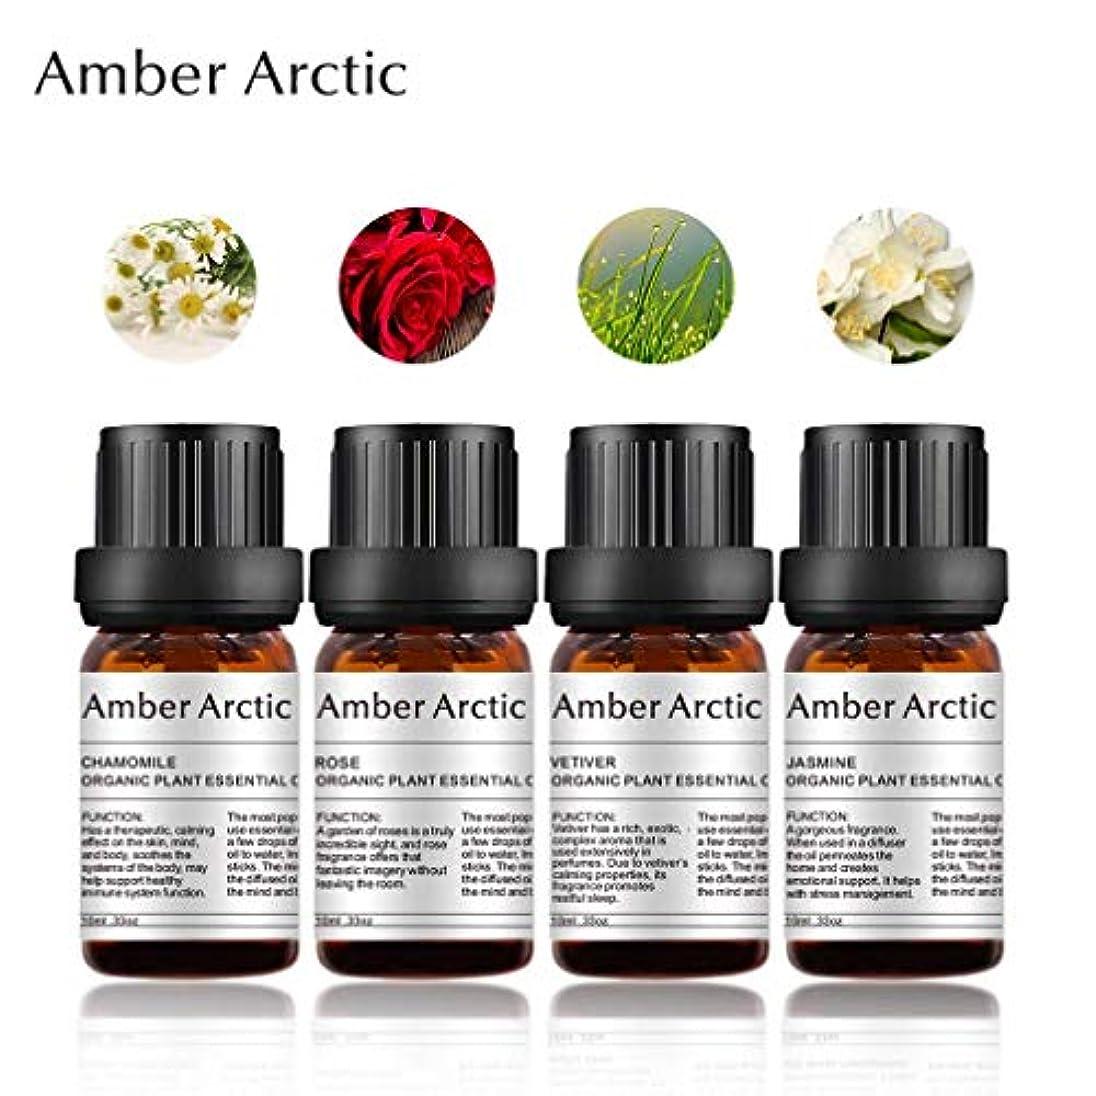 君主隣接お気に入りAmber Arctic 4 パック 精油 セット、 100% 純粋 天然 アロマ 最良 治療 グレード エッセンシャル オイル (ジャスミン、 ベチバー、 ローズ、 カモミール)